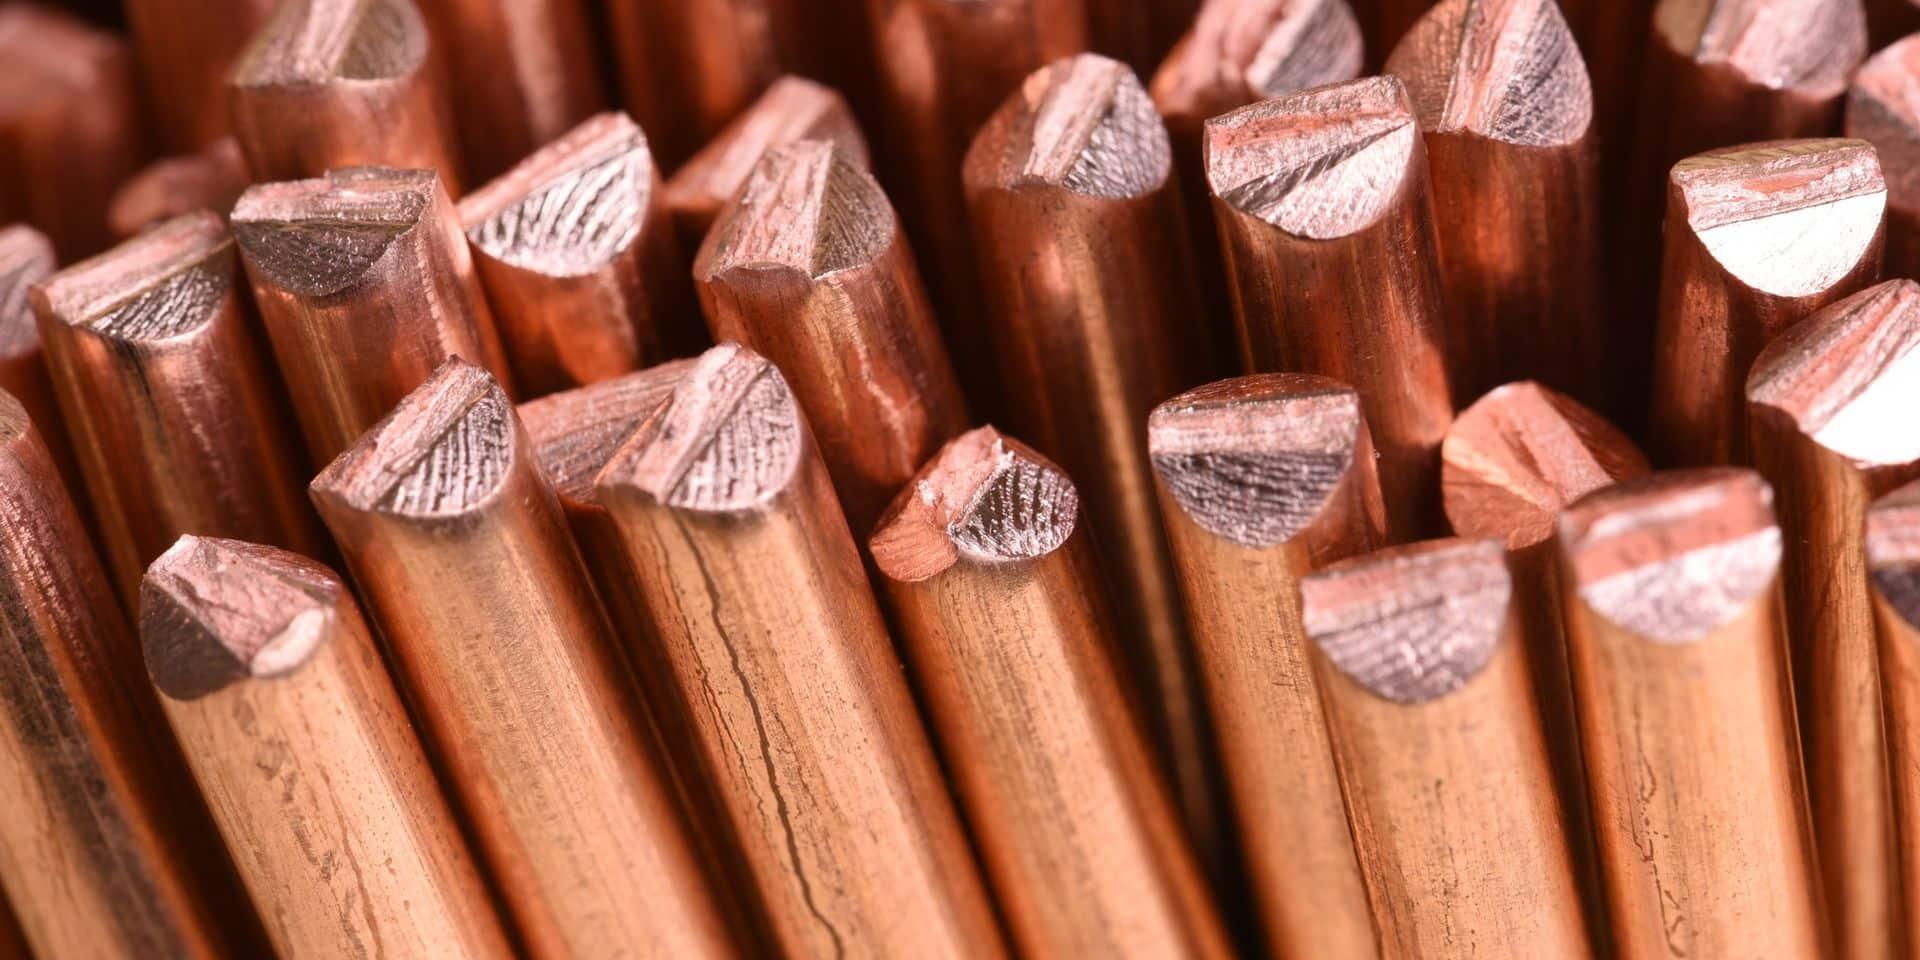 Le cuivre se transforme en or rouge pour certains.